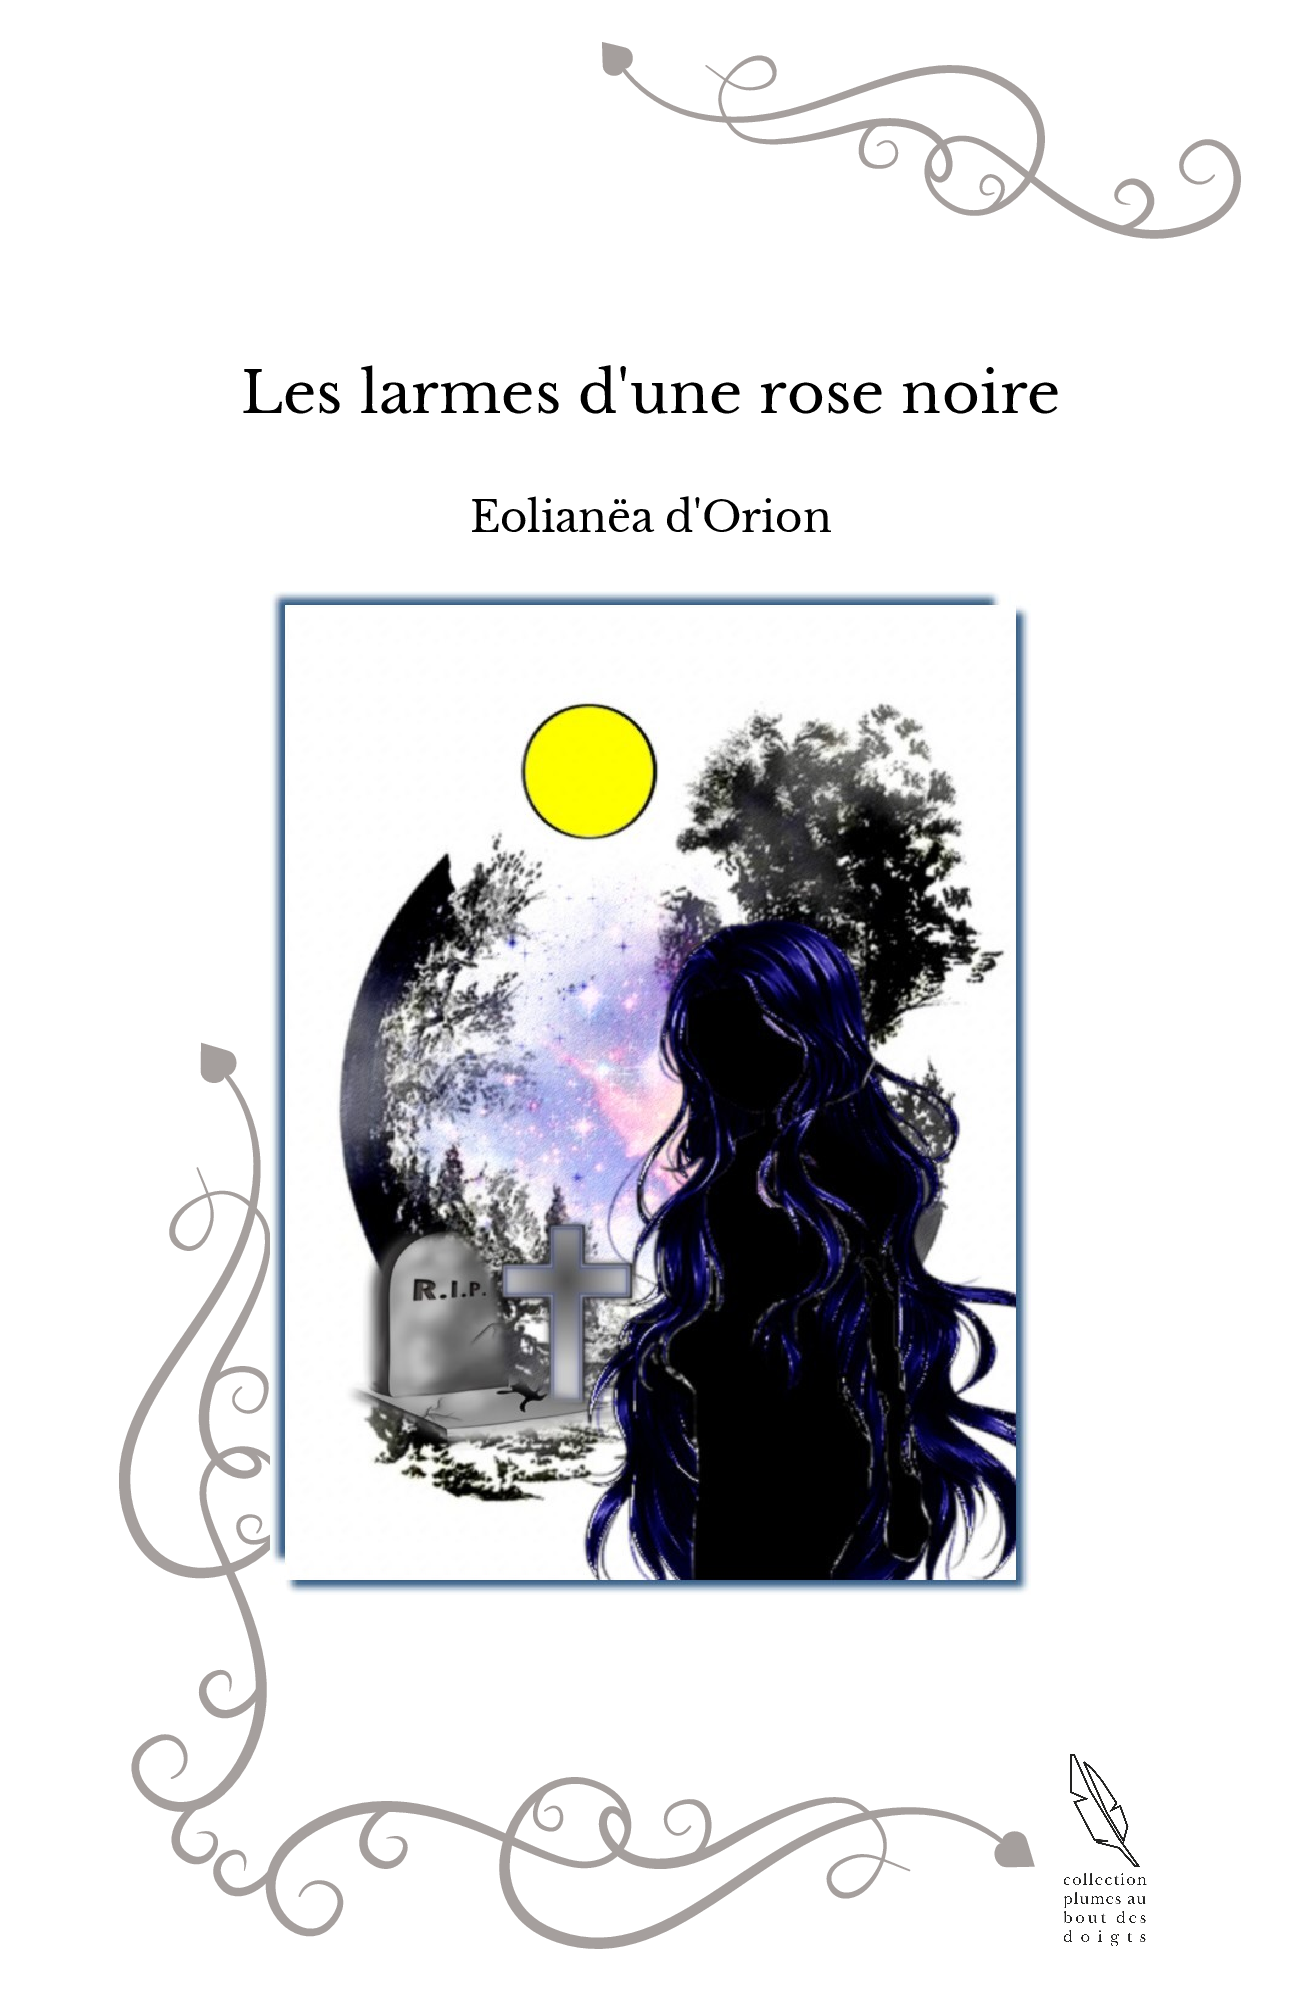 Les larmes d'une rose noire